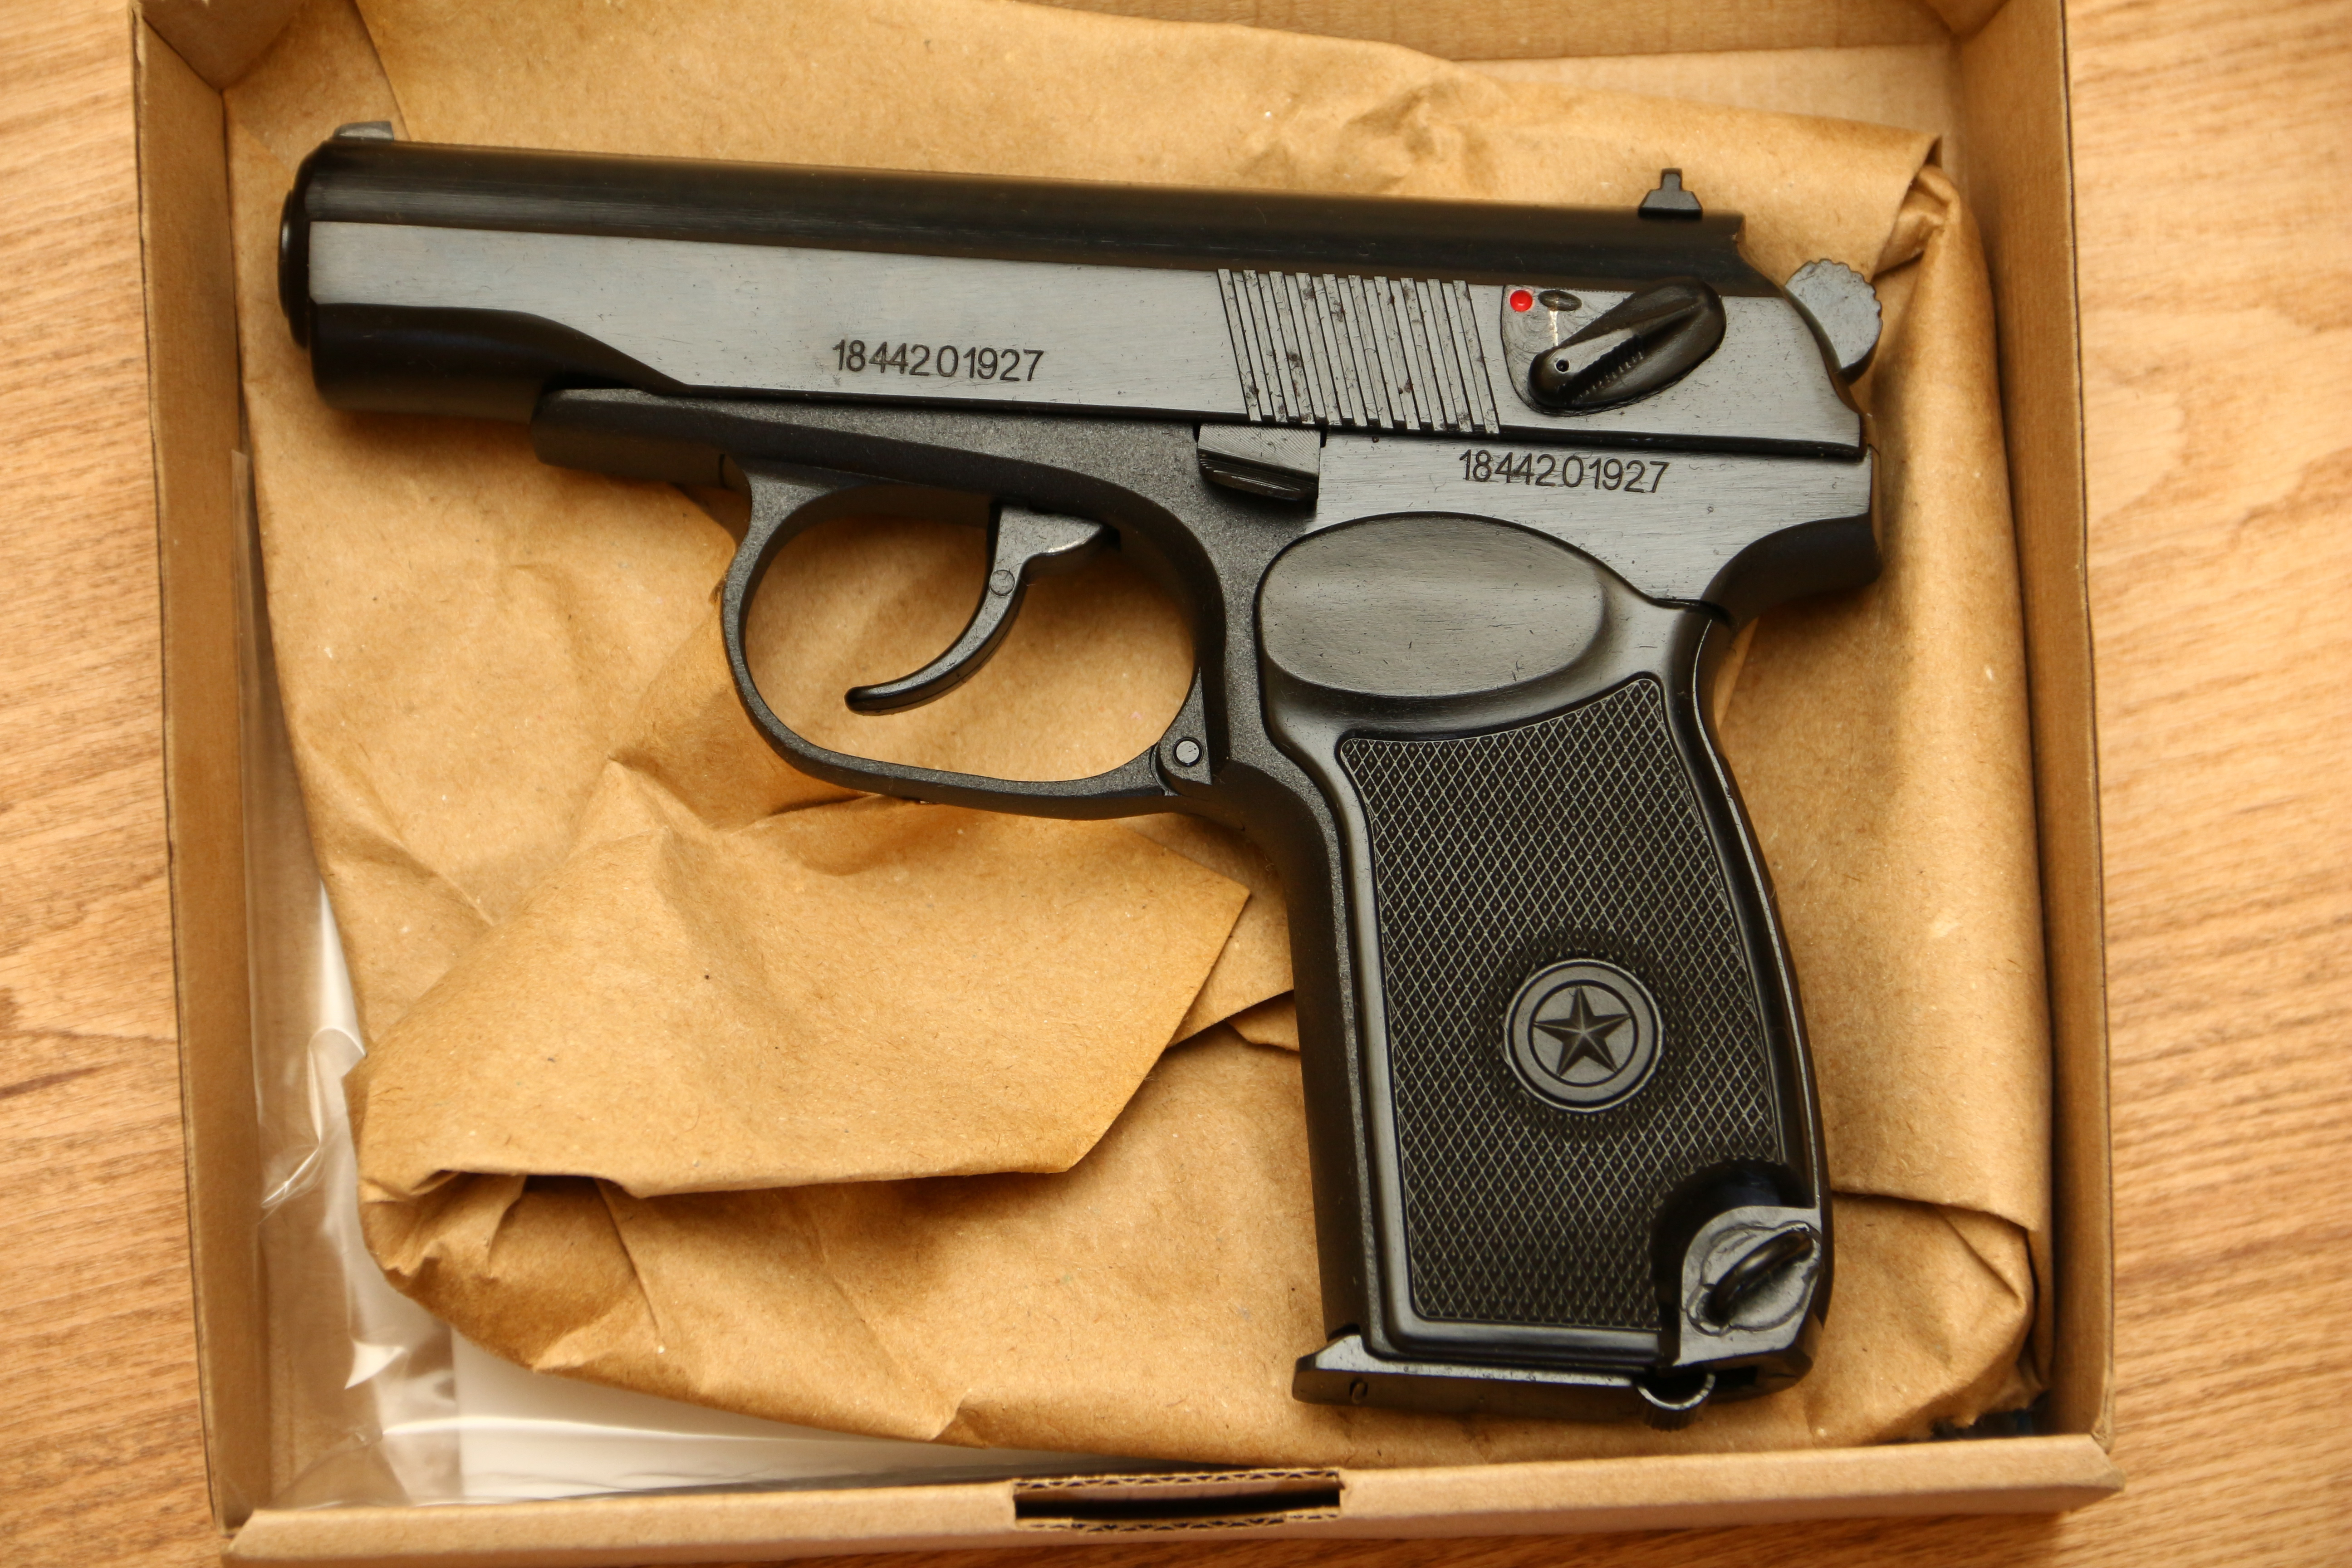 Охолощенный пистолет Макарова Р-411 №184420197 «бородач»